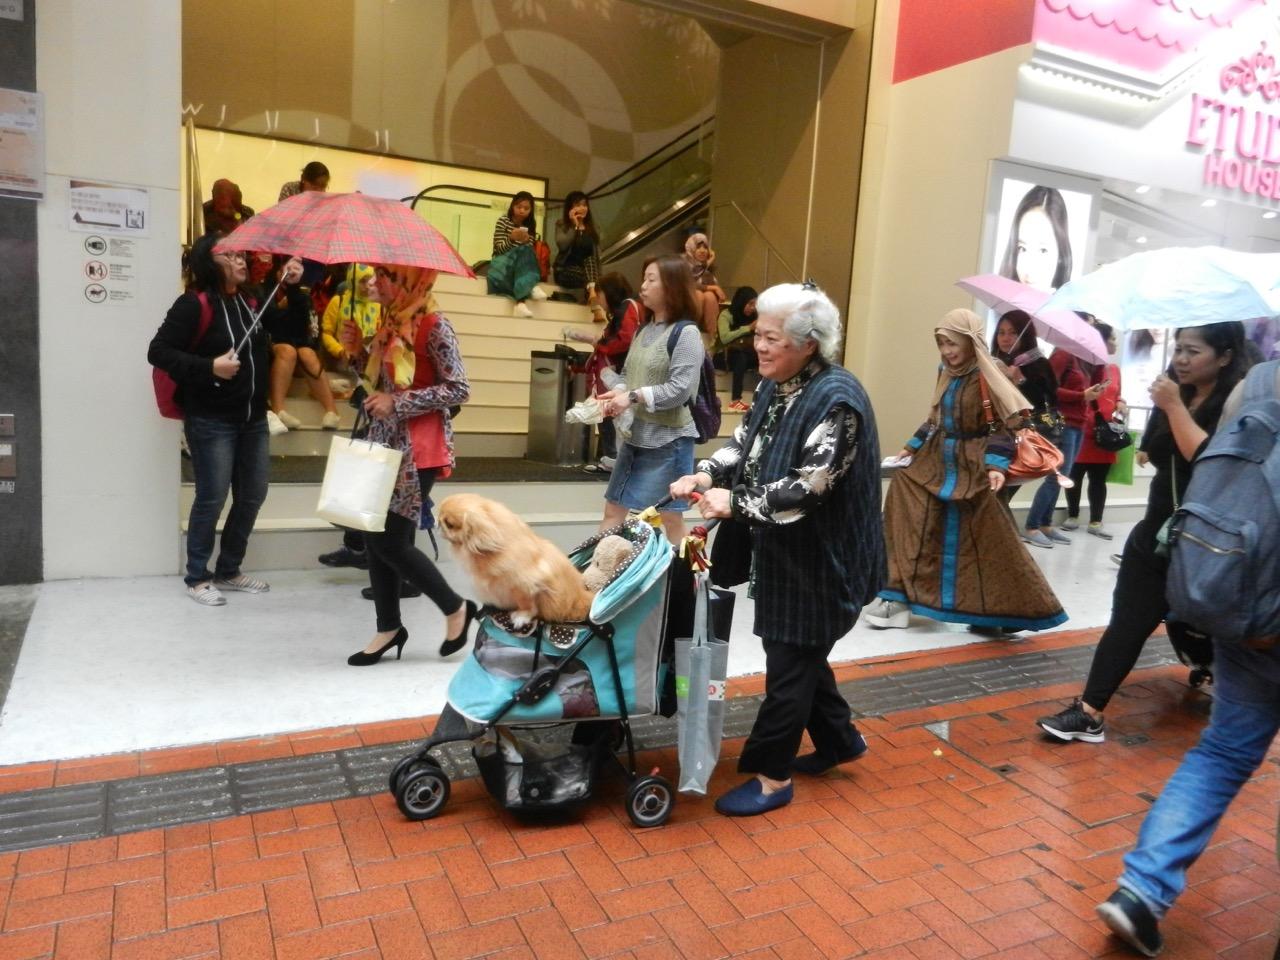 In HongKong erstaunt einen nichts. Auch nicht der putzig gestylte Hund im Wägeli mit Plüschtier. Ausser dem Chef dreht sich niemand um. In HongKong erstaunt einen nichts. Auch nicht der putzig gestylte Hund im Wägeli mit Plüschtier. Ausser dem Chef dreht sich niemand um. In HongKong erstaunt es niemanden, wenn eine Dame ihr aufgehübschtes Hündchen im Wägelchen spazierenfährt.